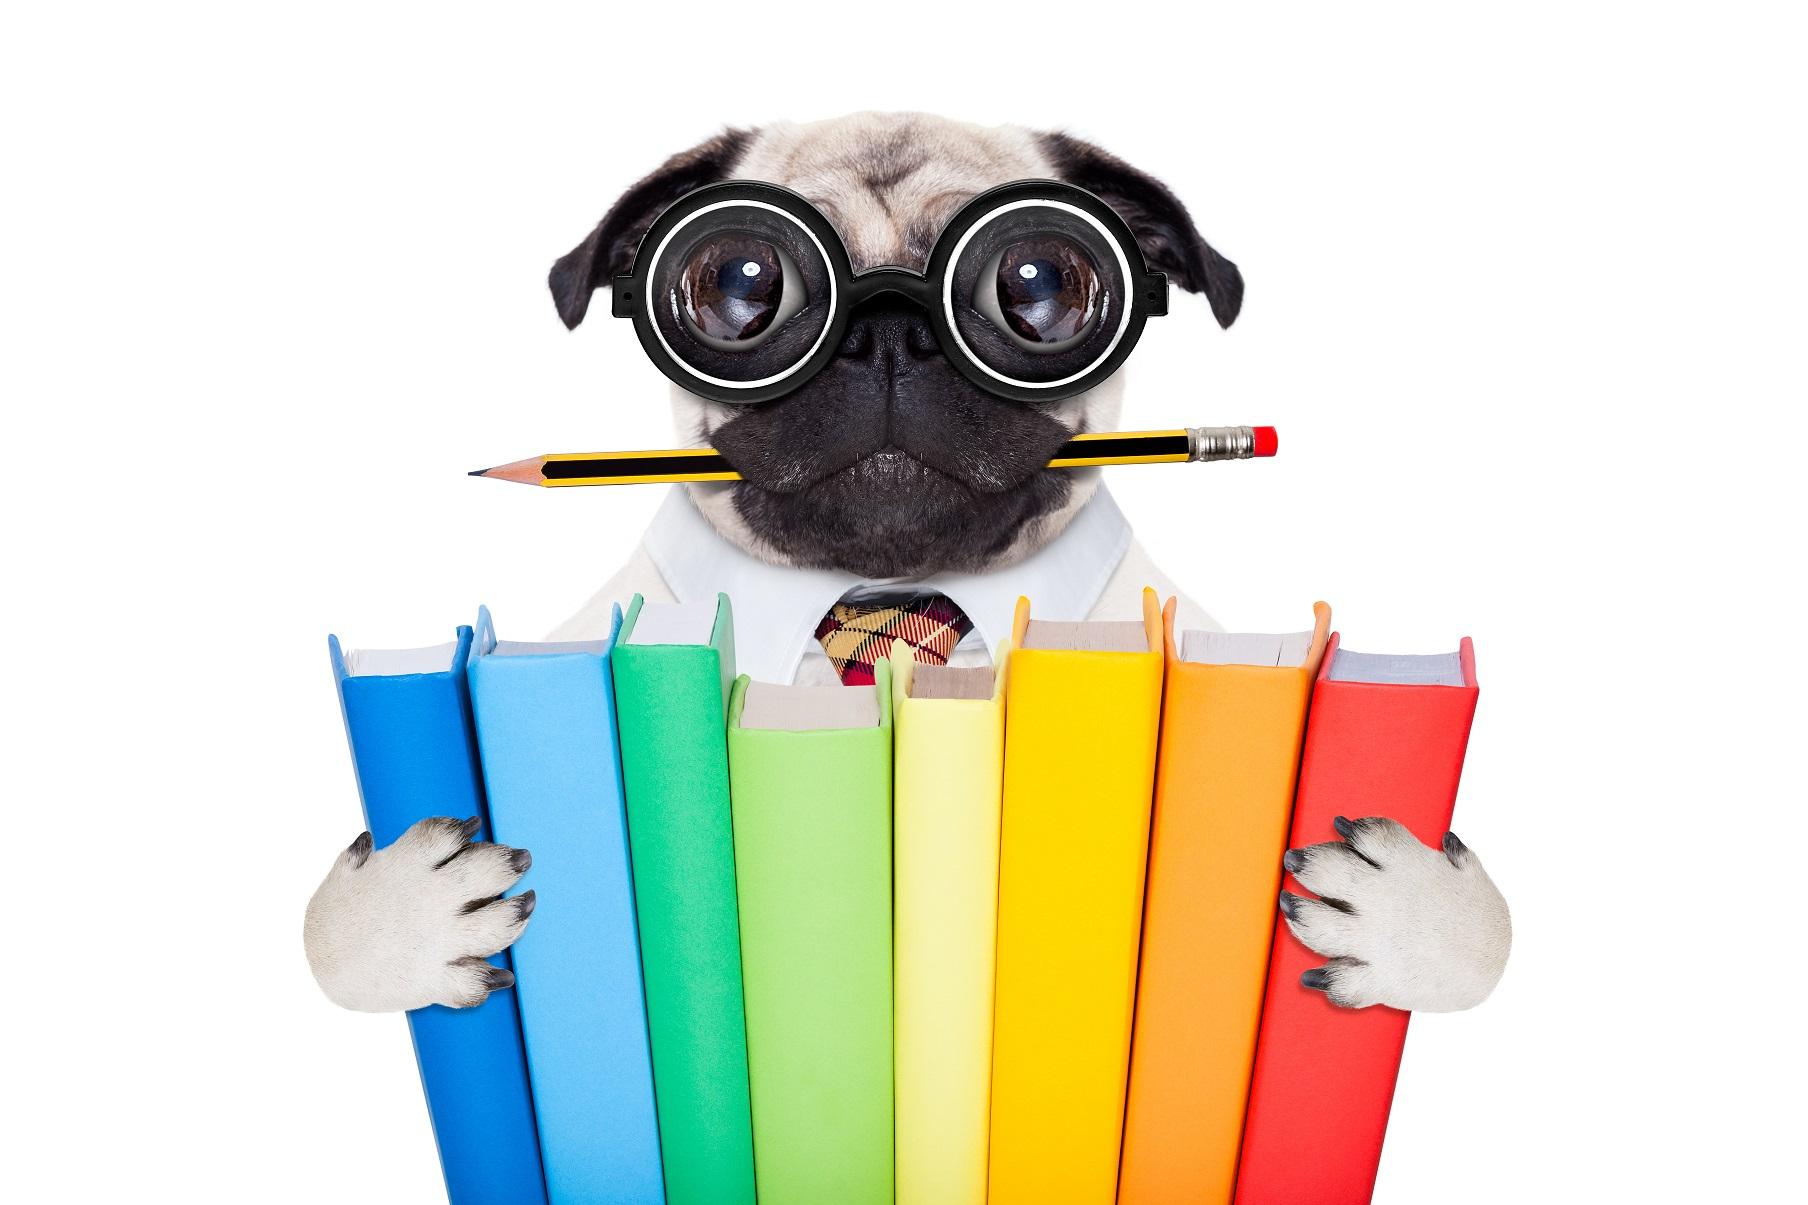 hundebrille kaufen oder wozu braucht mein hund eine brille. Black Bedroom Furniture Sets. Home Design Ideas